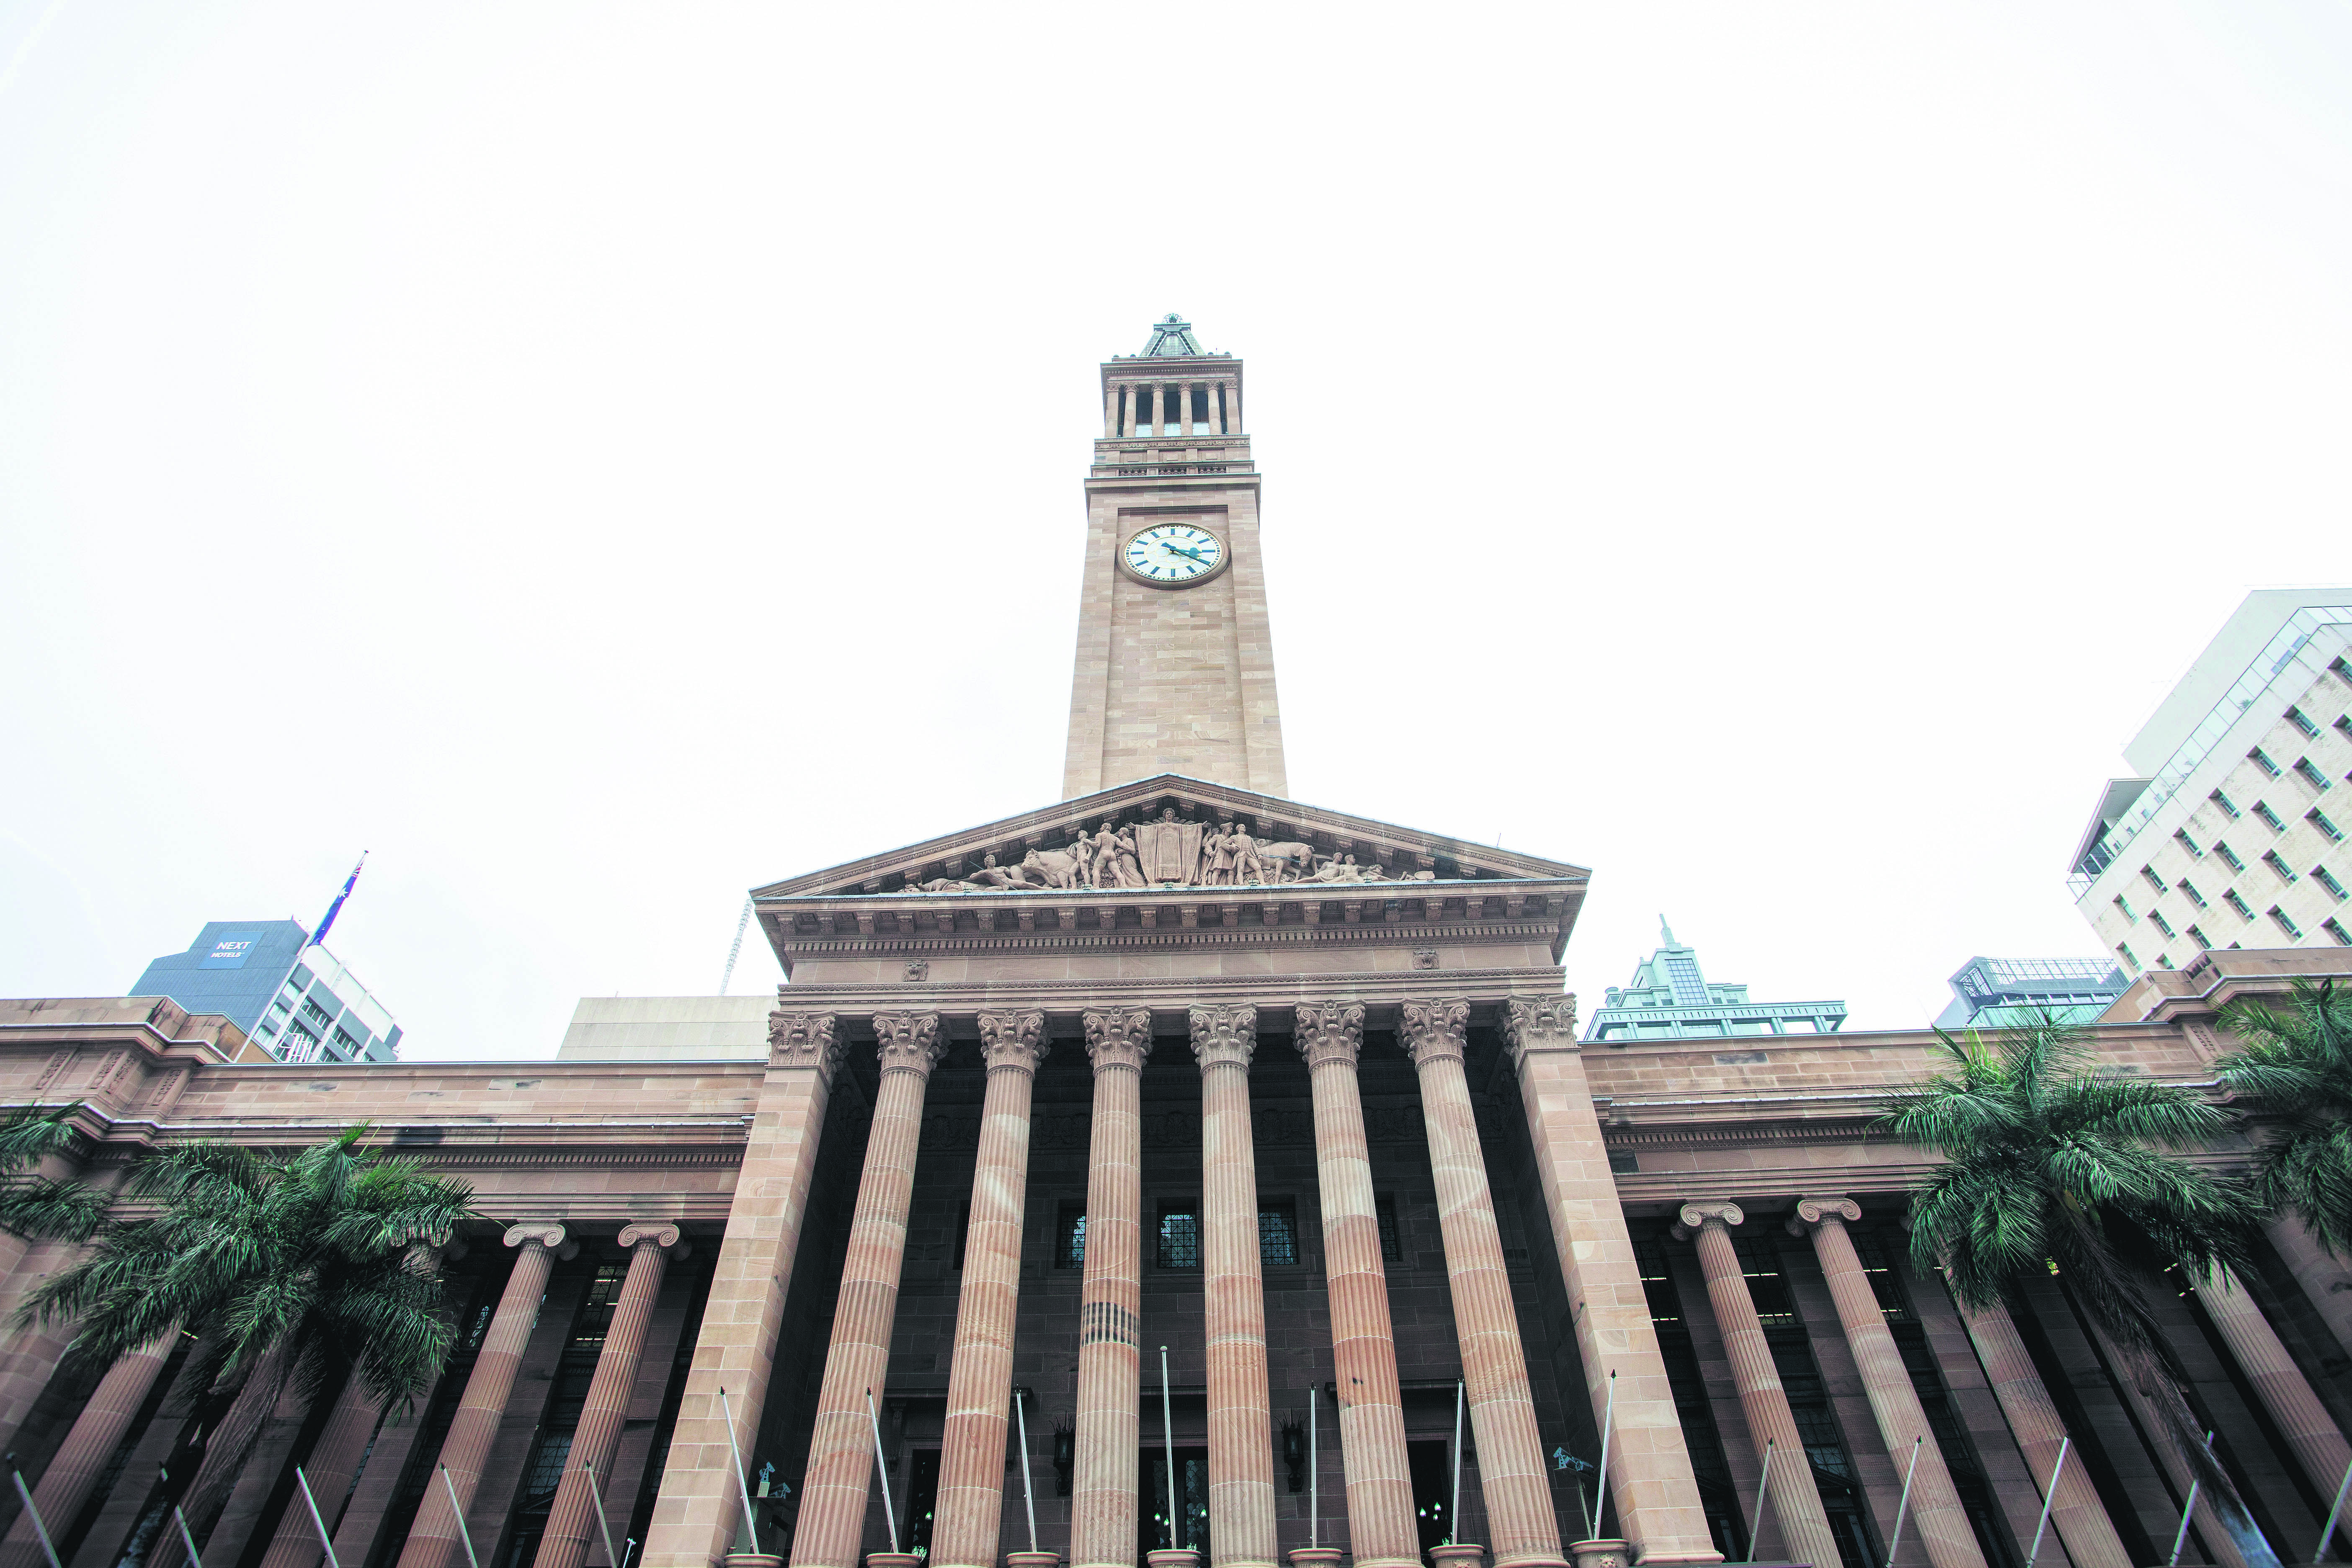 布里斯本市政厅